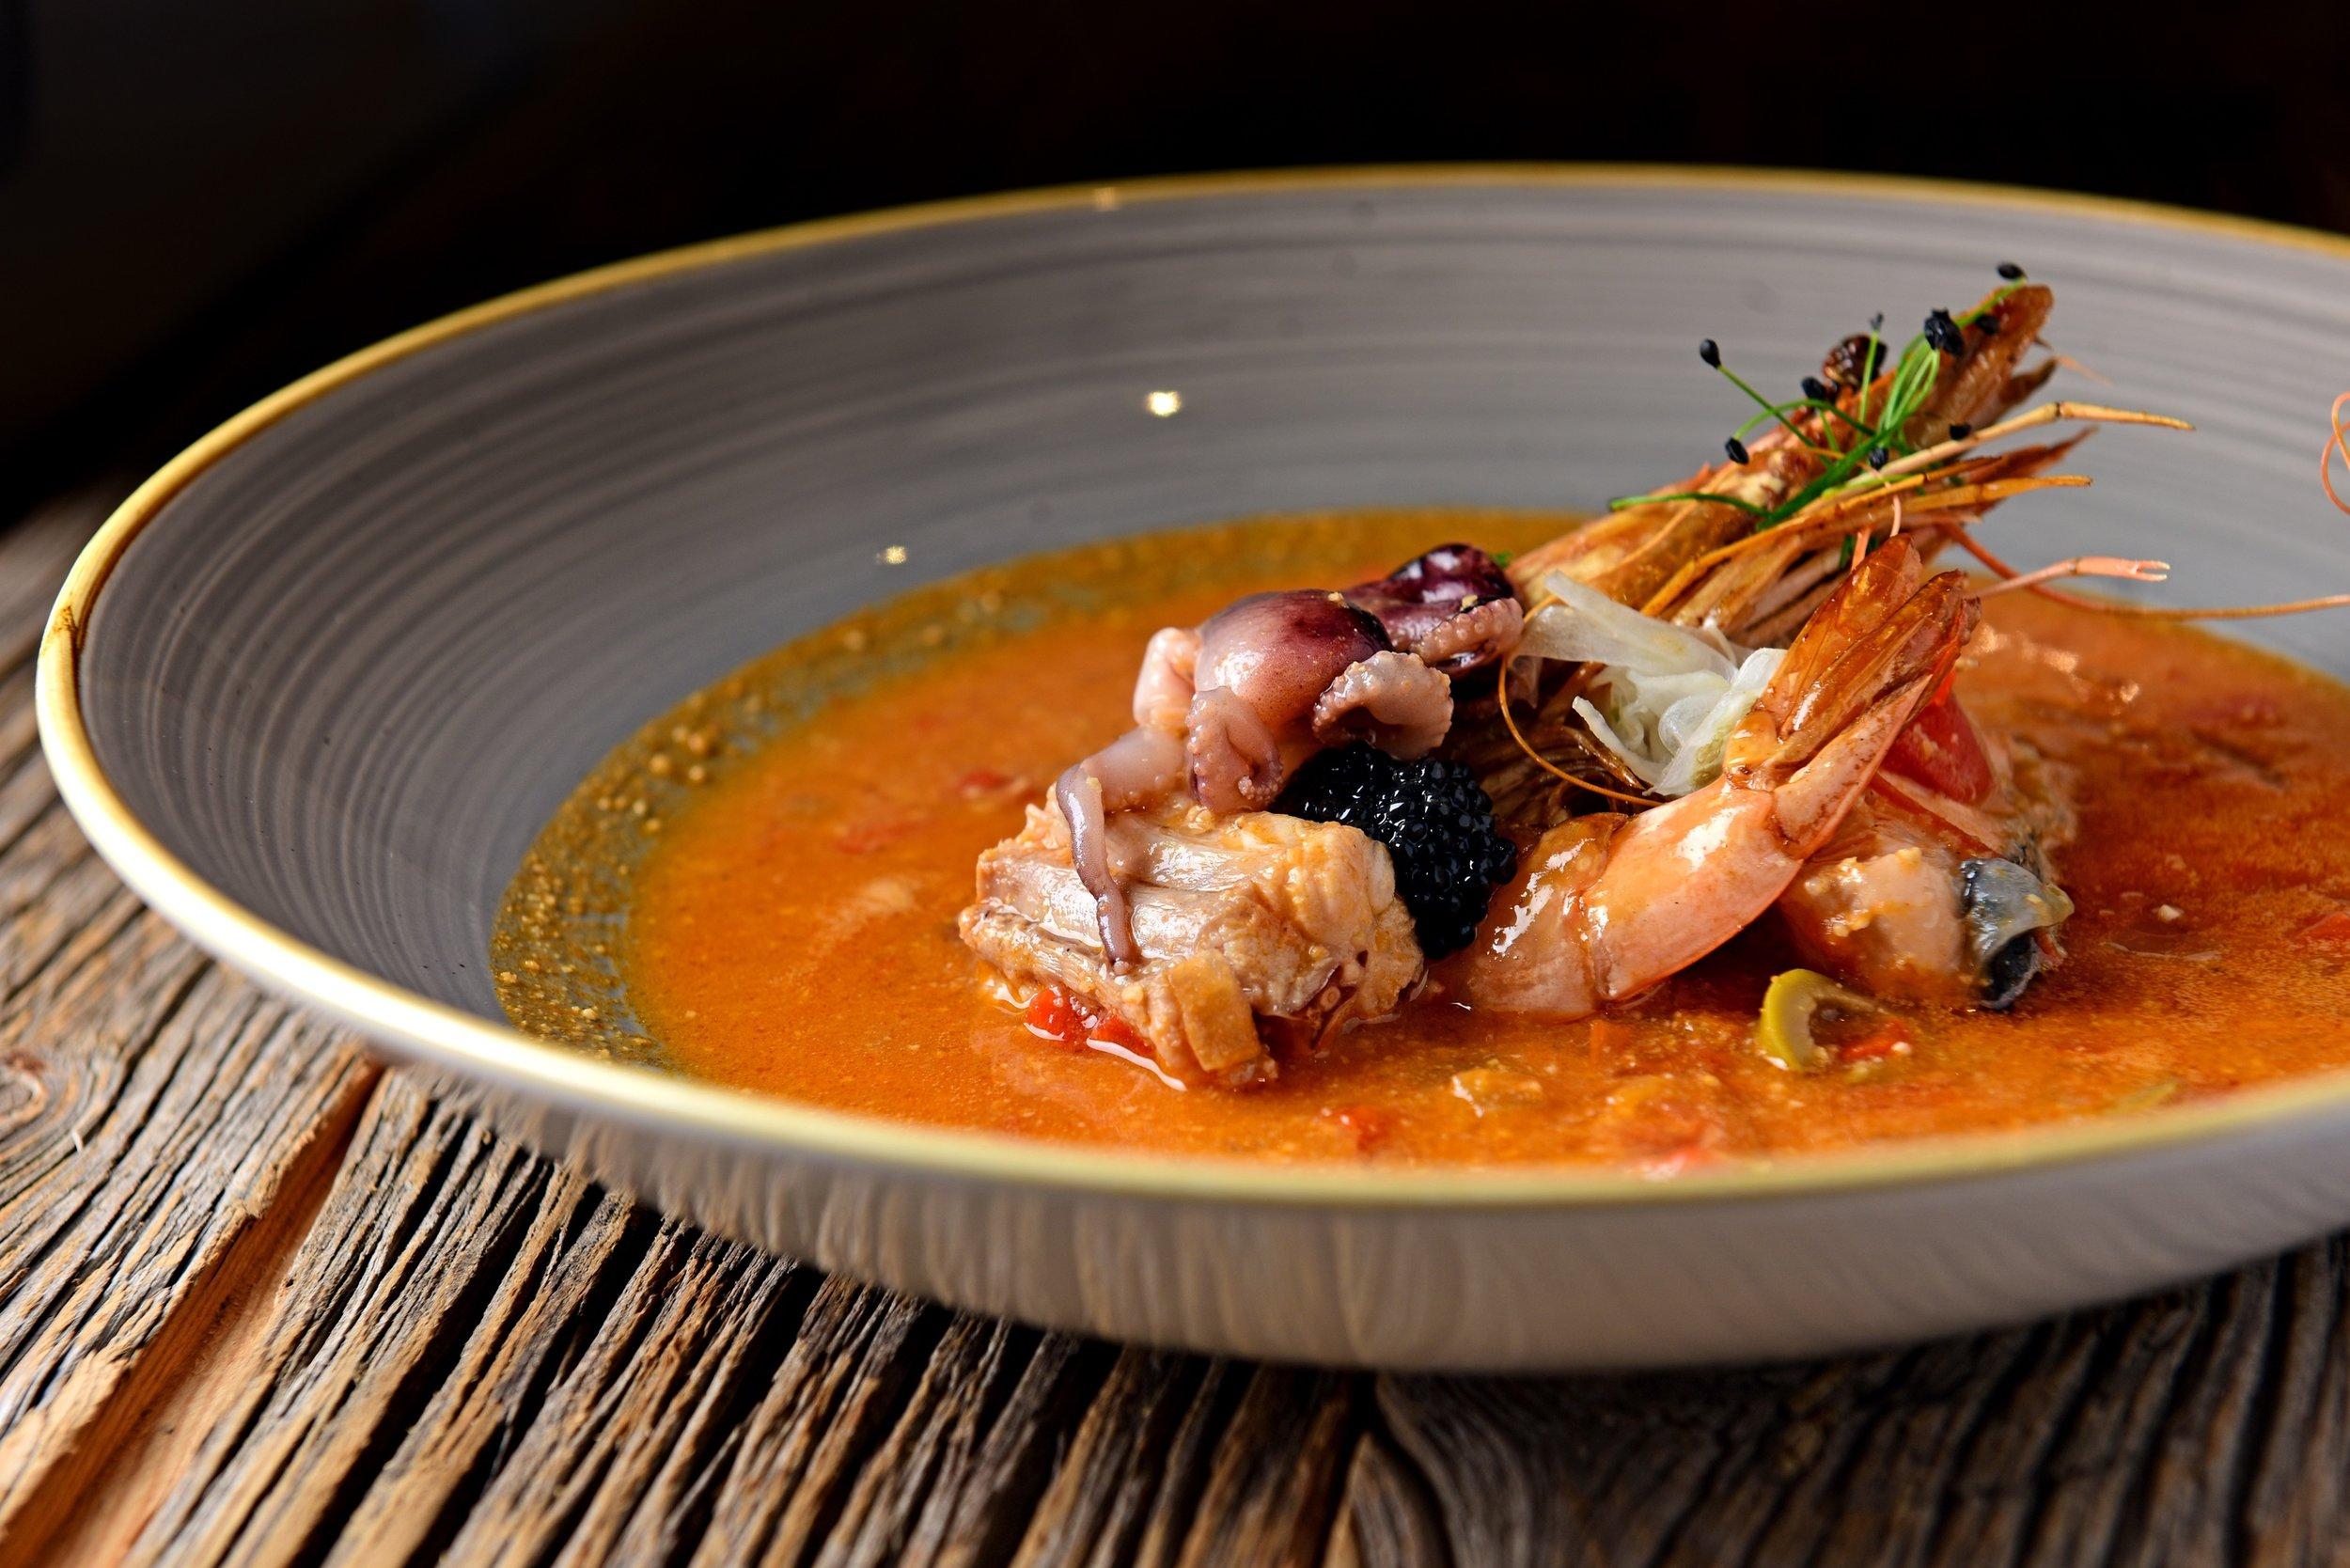 14 bistro marron deinze tablefever bart albrecht culinair fotograaf.jpg